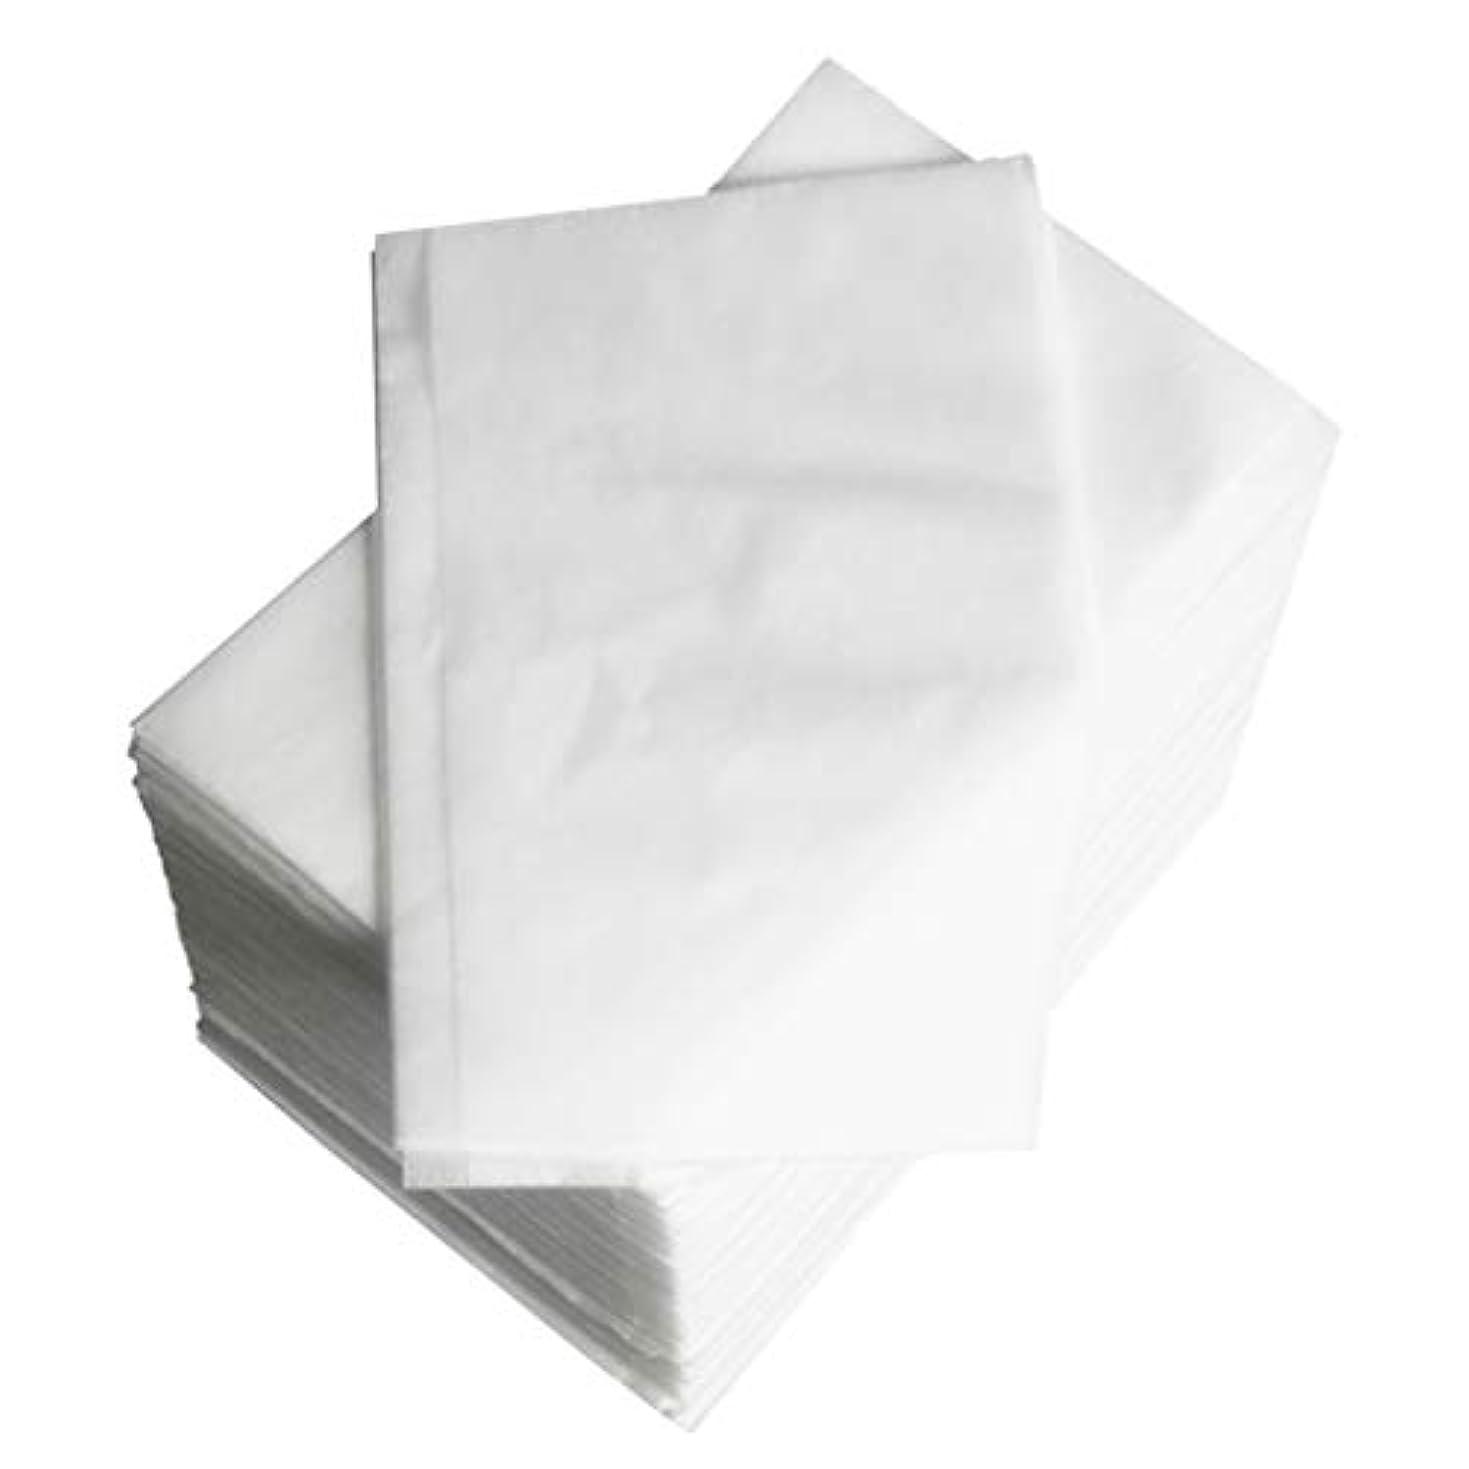 頬骨俳句ライドchiwanji マッサージ テーブルカバー使い捨て 約100個入り 全2カラー - 白